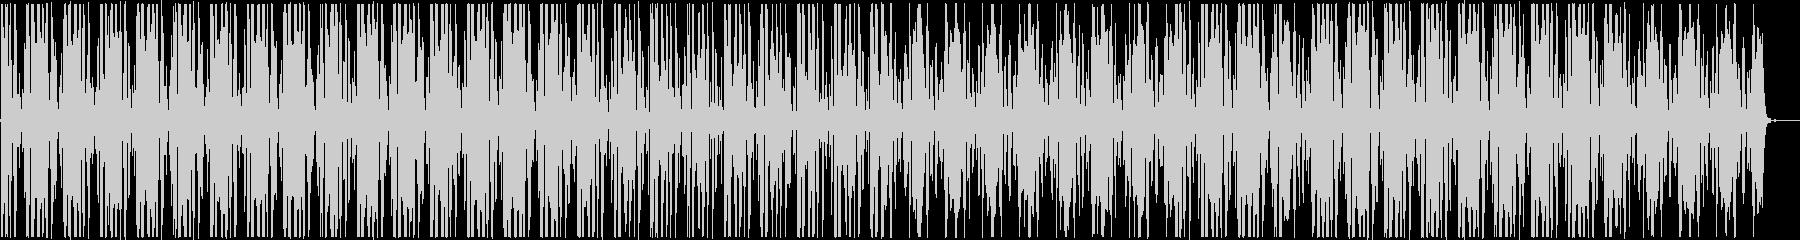 ダーティ・スラム・悪い ローファイジャズの未再生の波形